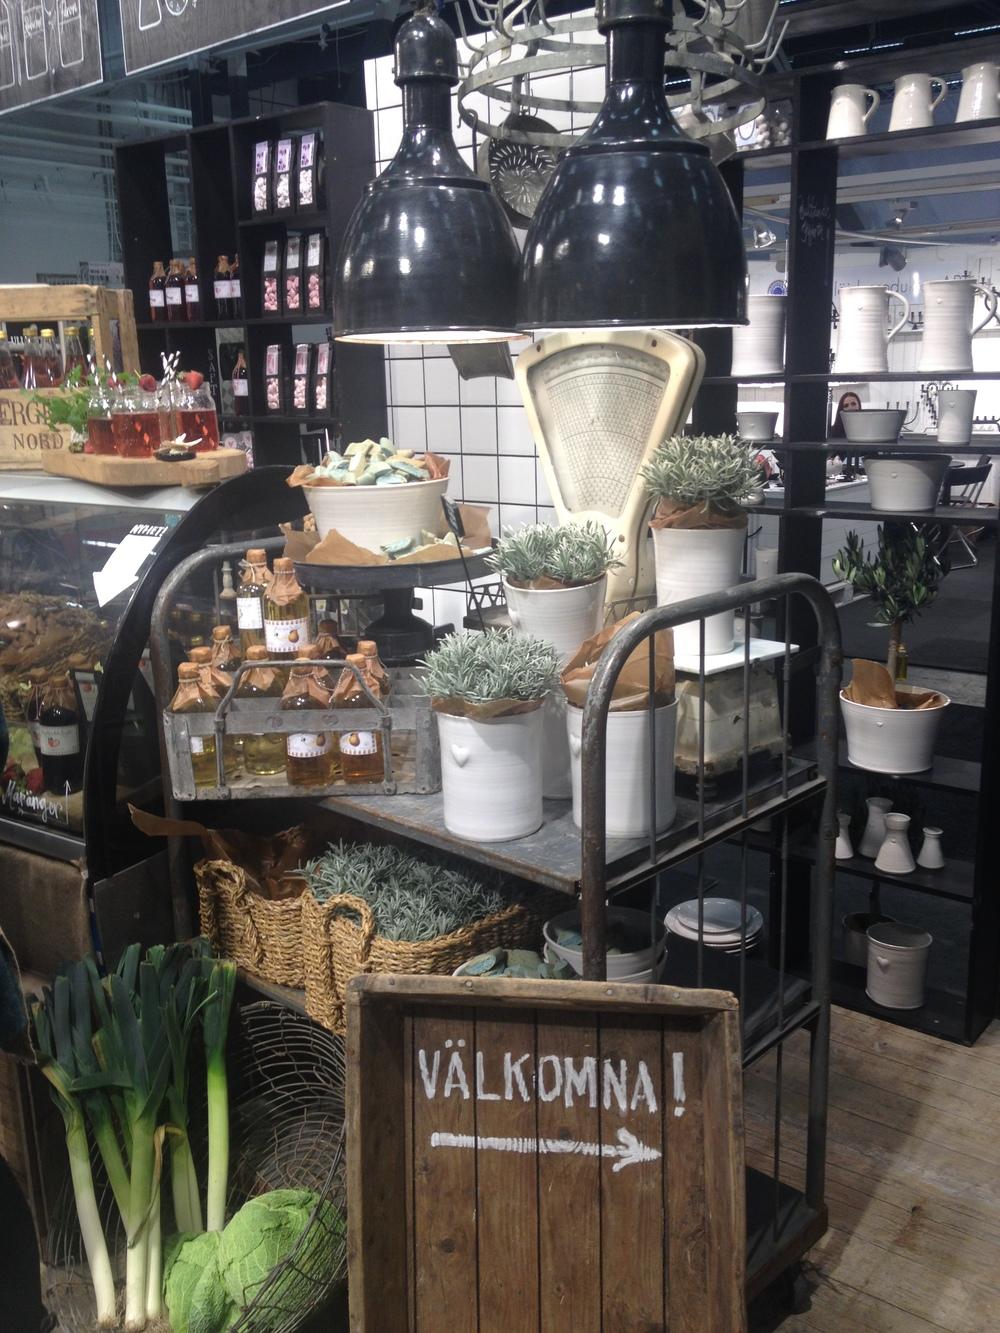 Västergården bjöd på fin keramik   Foto:  Palatsliv